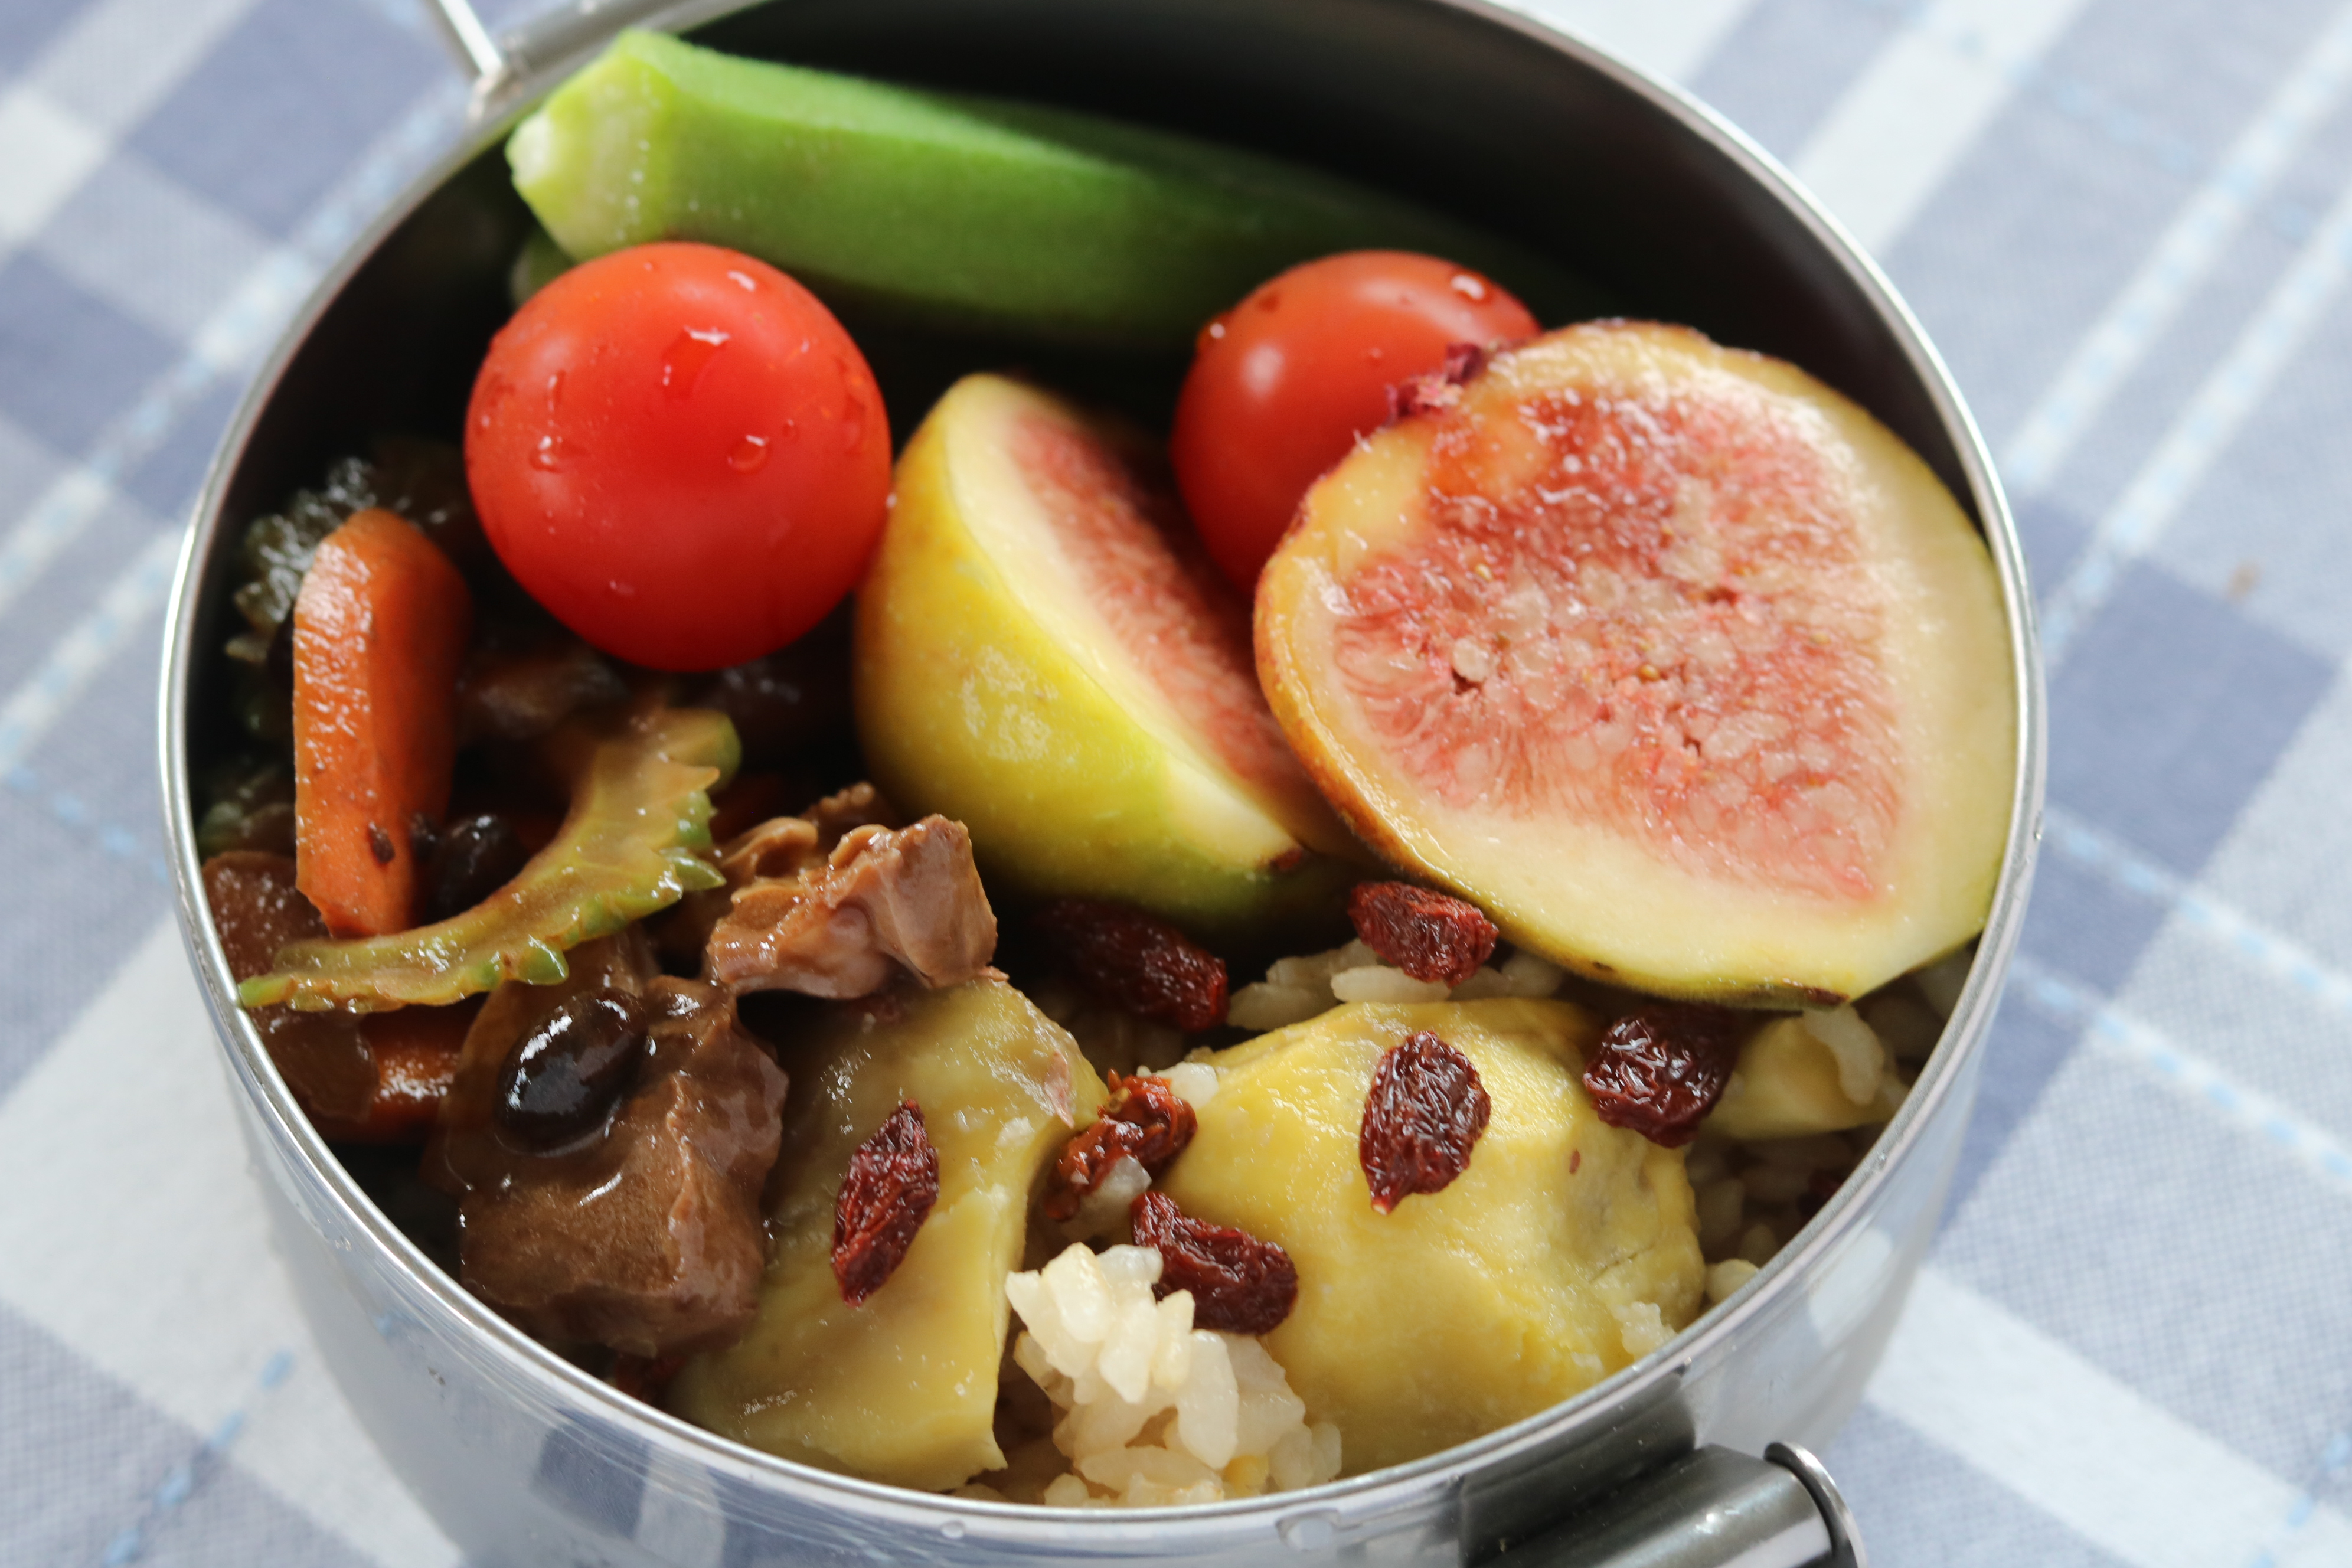 アンチエイジングの薬膳「栗と枸杞酒のご飯と苦瓜の豚ハツ炒めの薬膳お弁当」